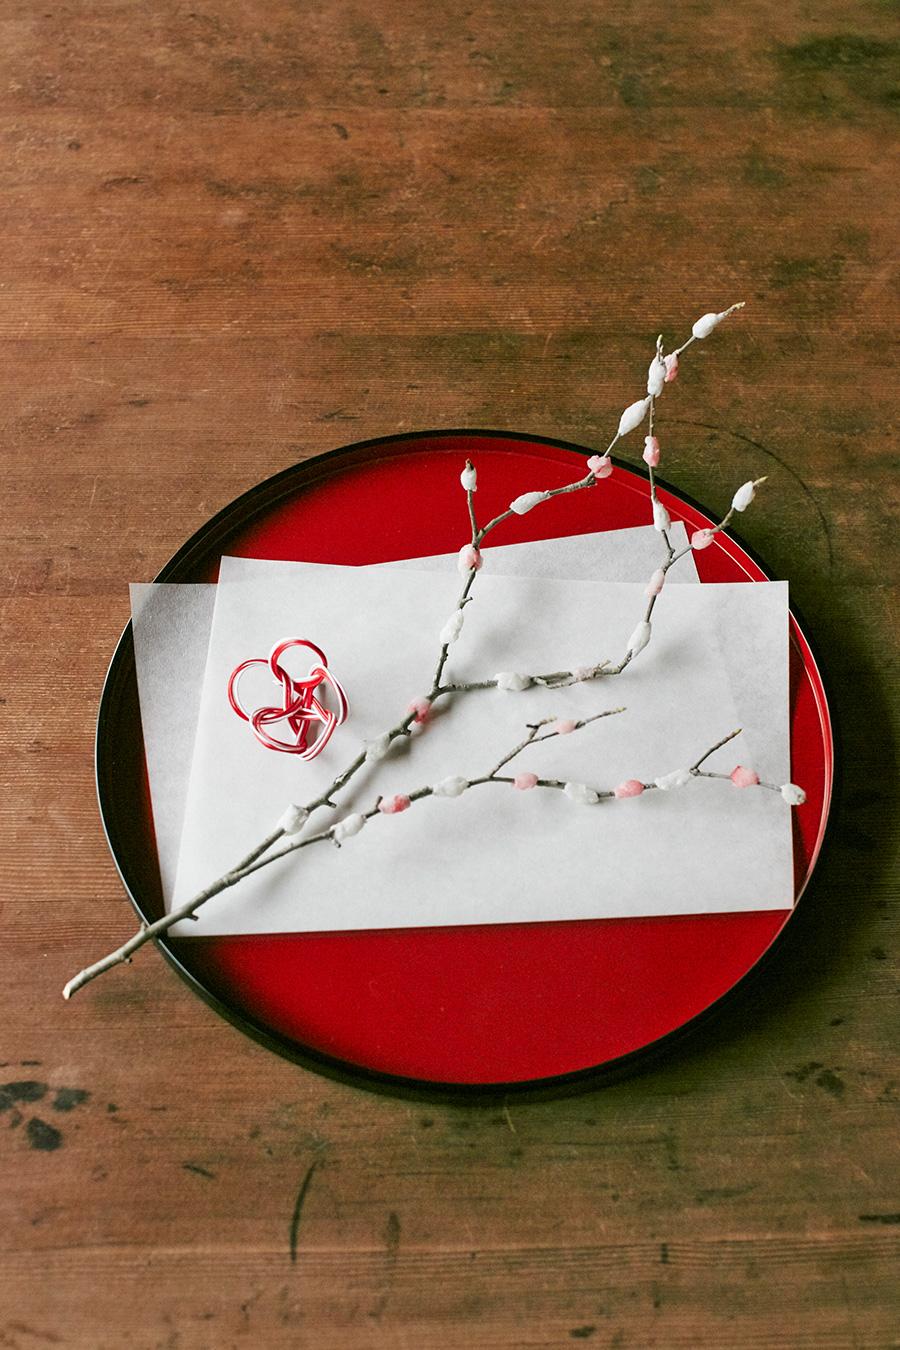 餅花を半紙の上に飾り、梅結びにした水引きを添え、お正月らしい誂に。